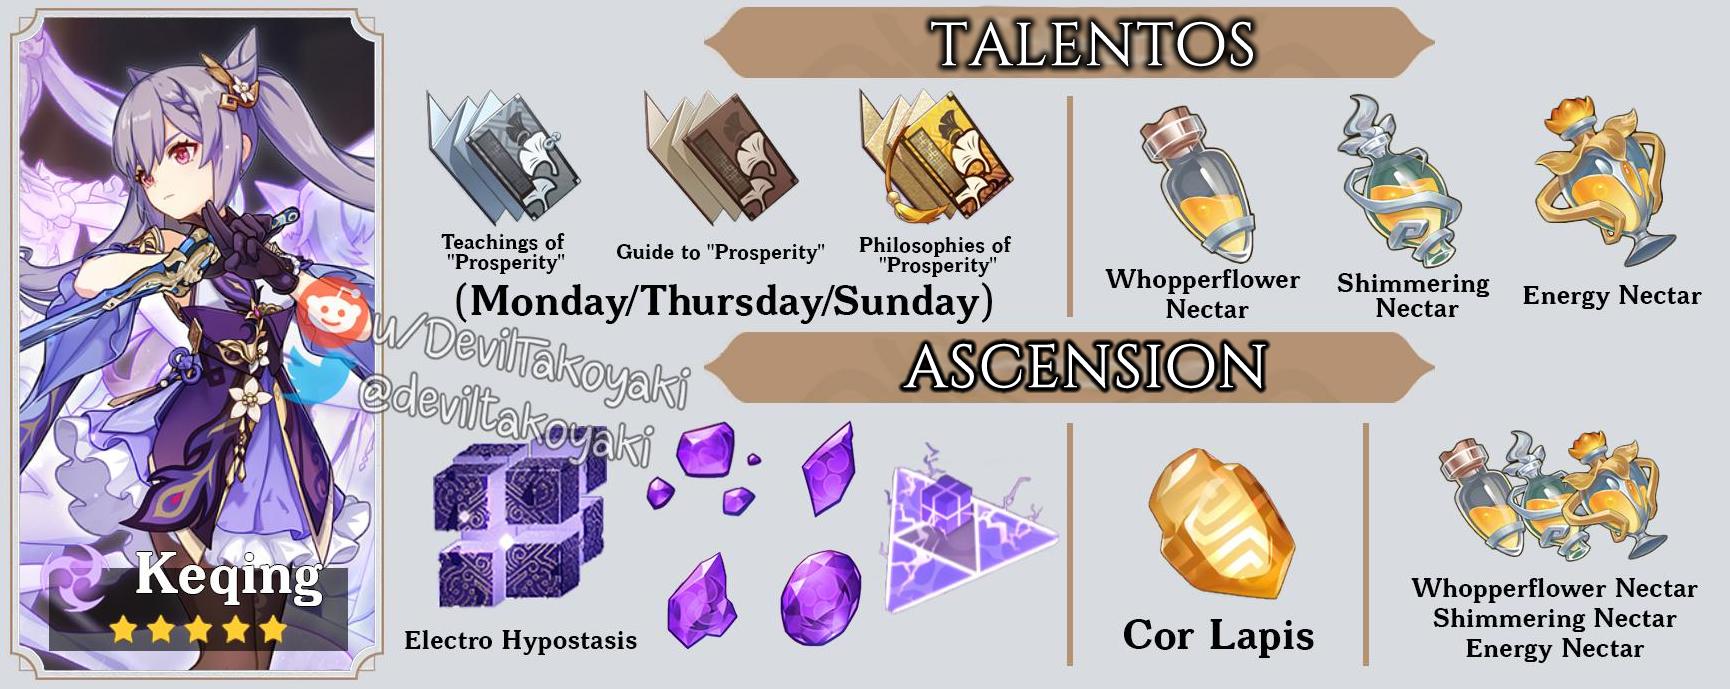 Materiales de Ascensión y Talento de Keqing